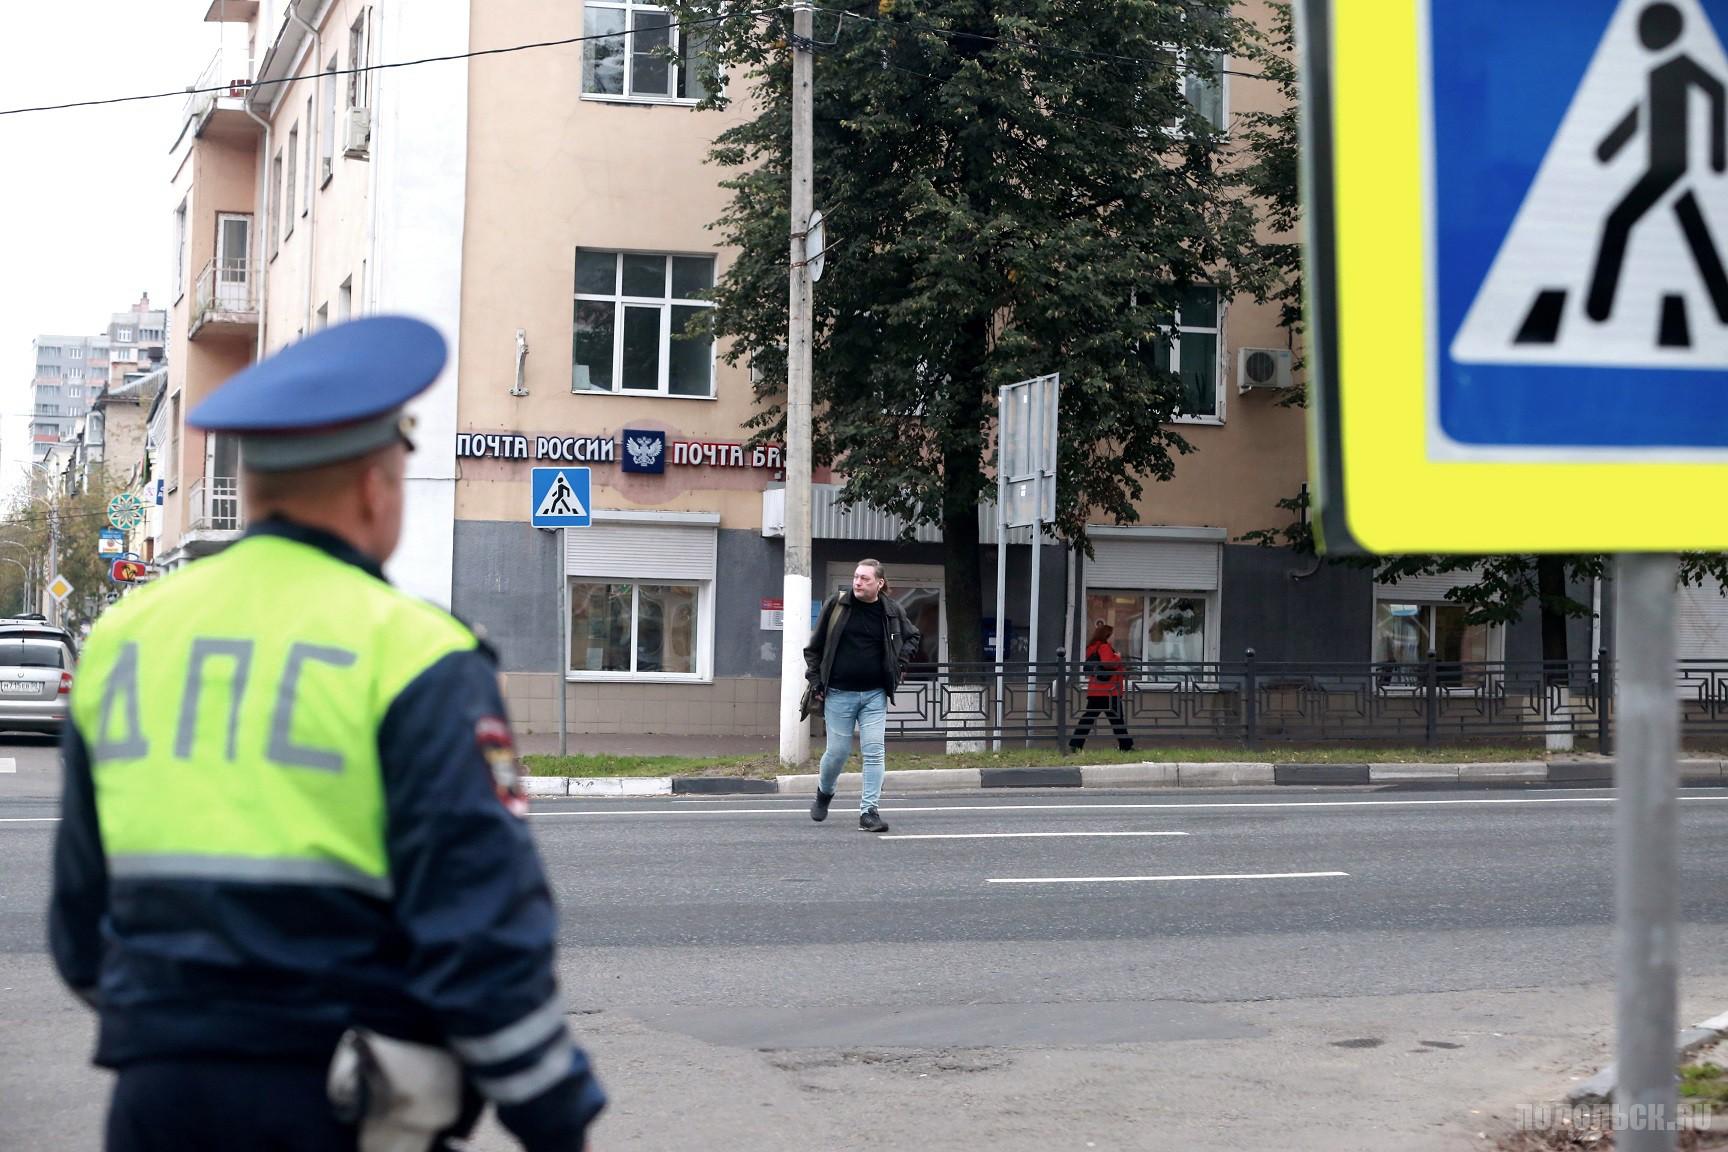 Пешеход нарушает ПДД. Сентябрь 2017